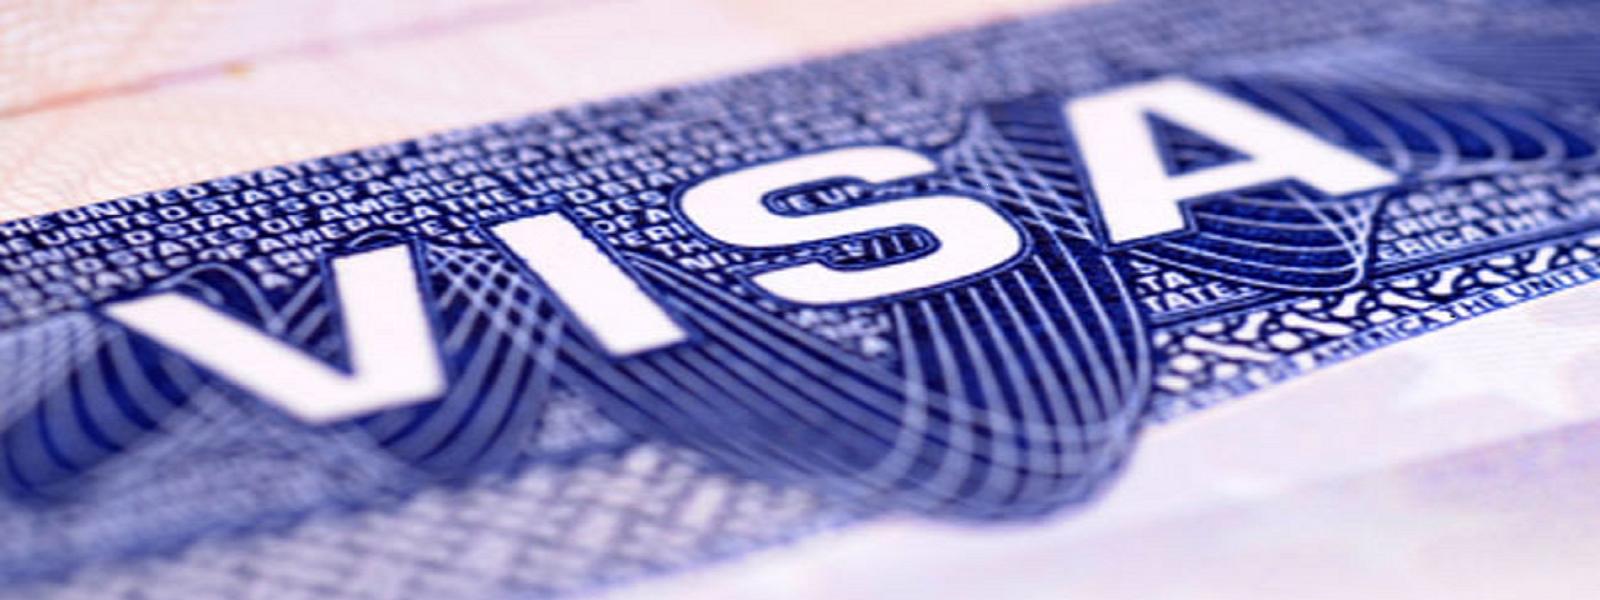 US visa in passport